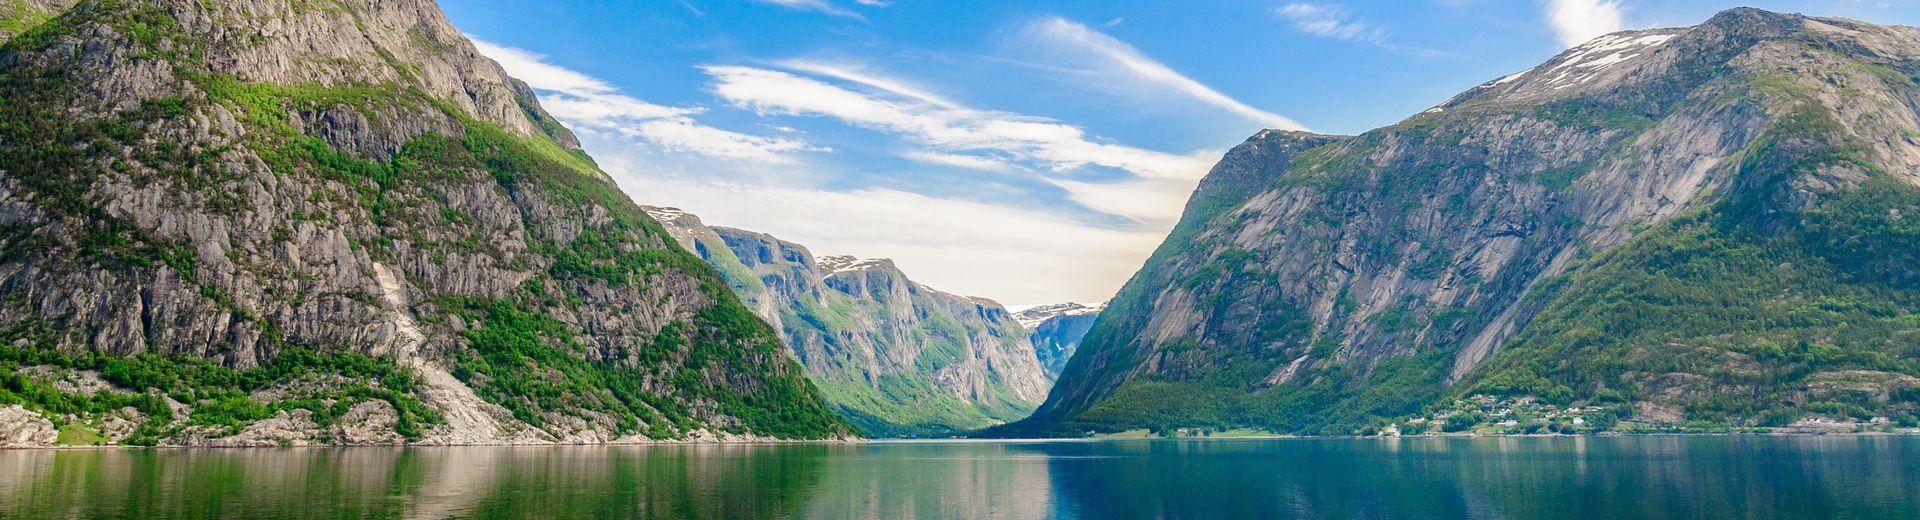 Mit AIDAsol zu den Fjorden Norwegens